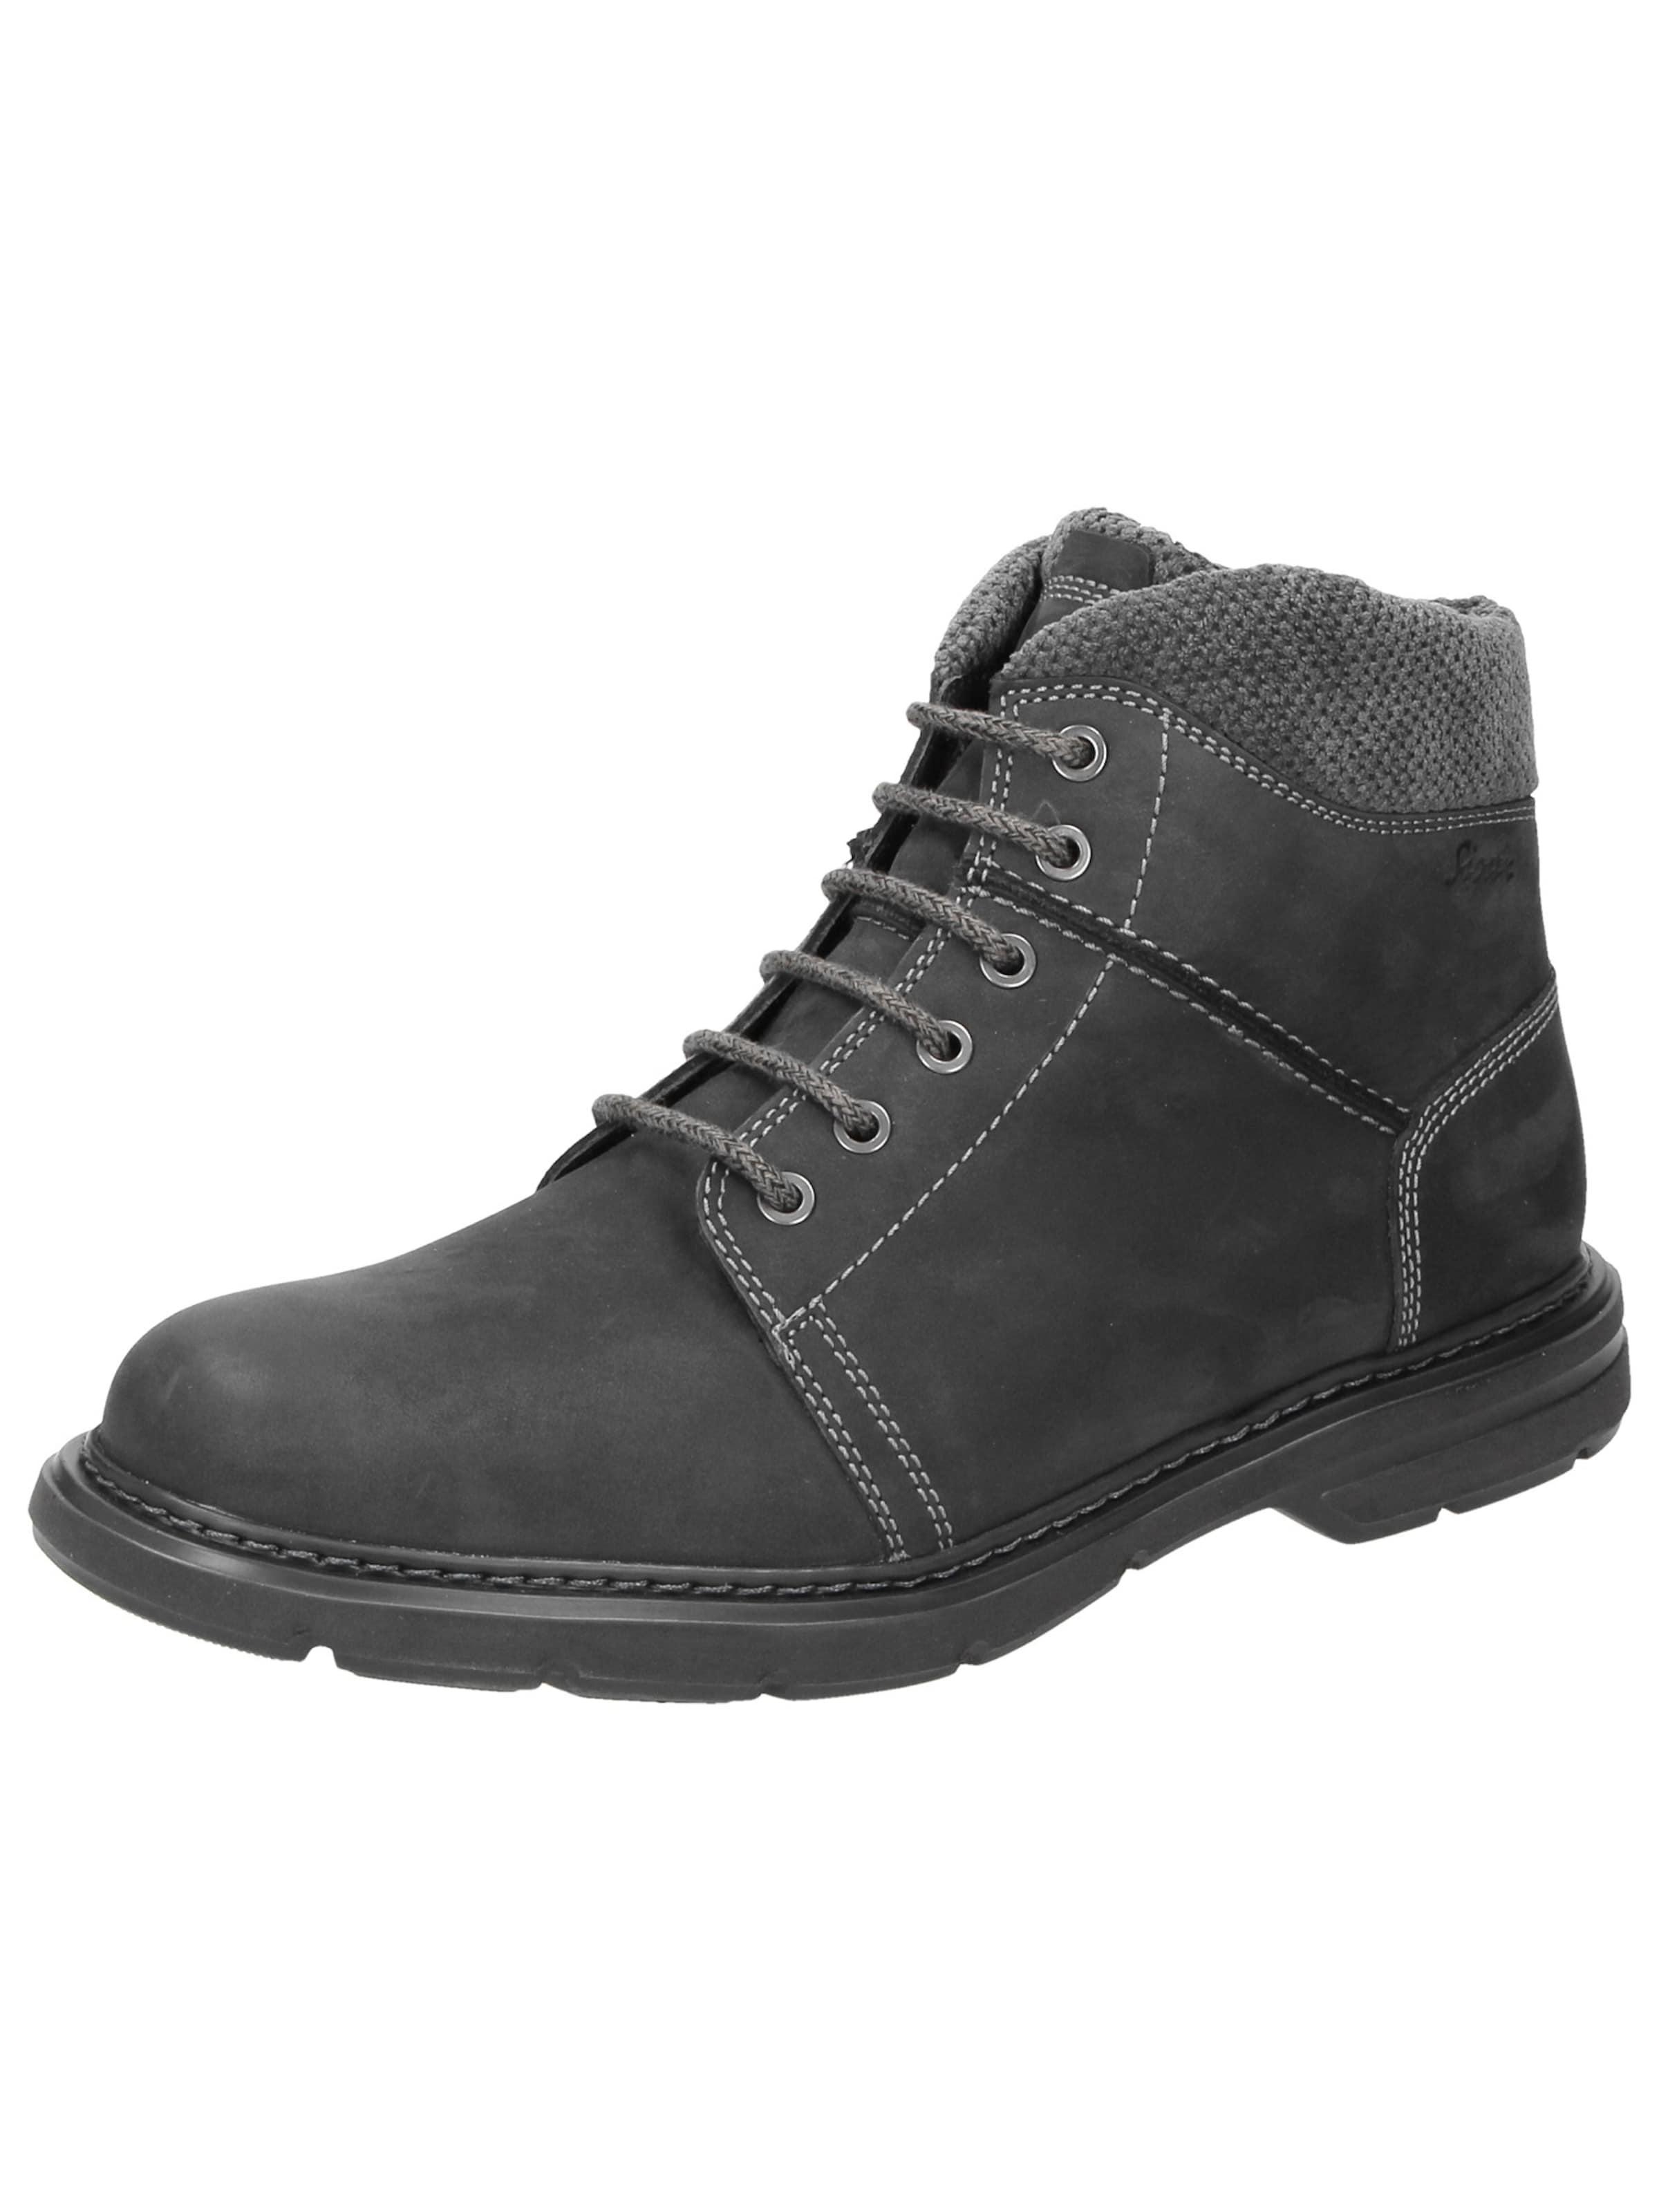 Haltbare Mode billige Schuhe SIOUX | Stiefelette 'Jimdako' Schuhe Gut getragene Schuhe